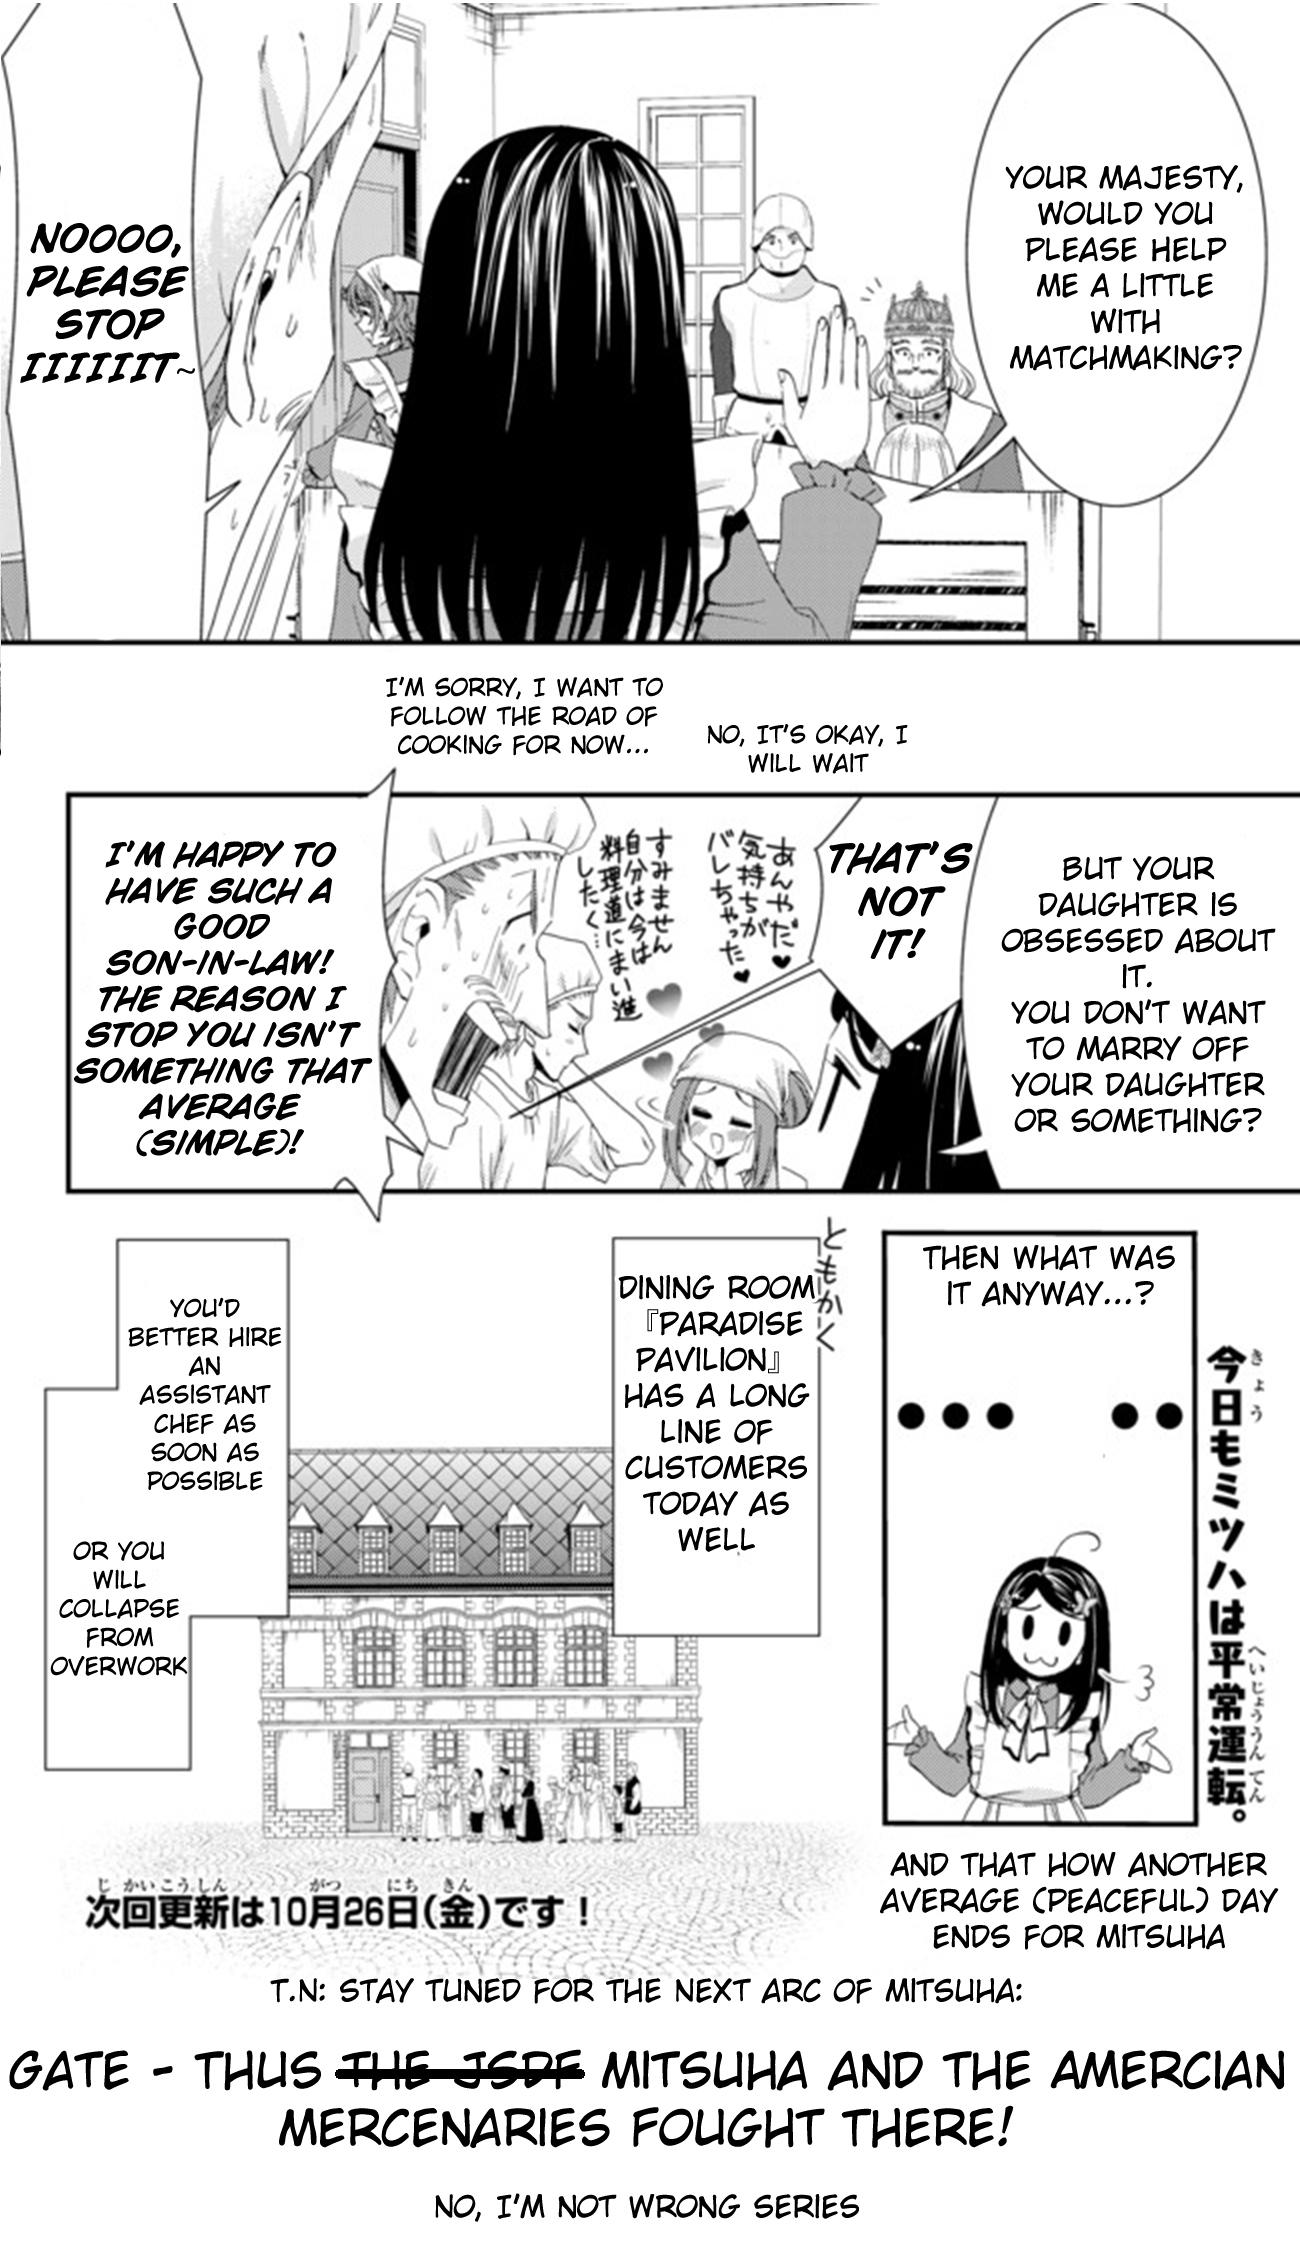 Mitsuha Manga Chapter 26-2 Page 21